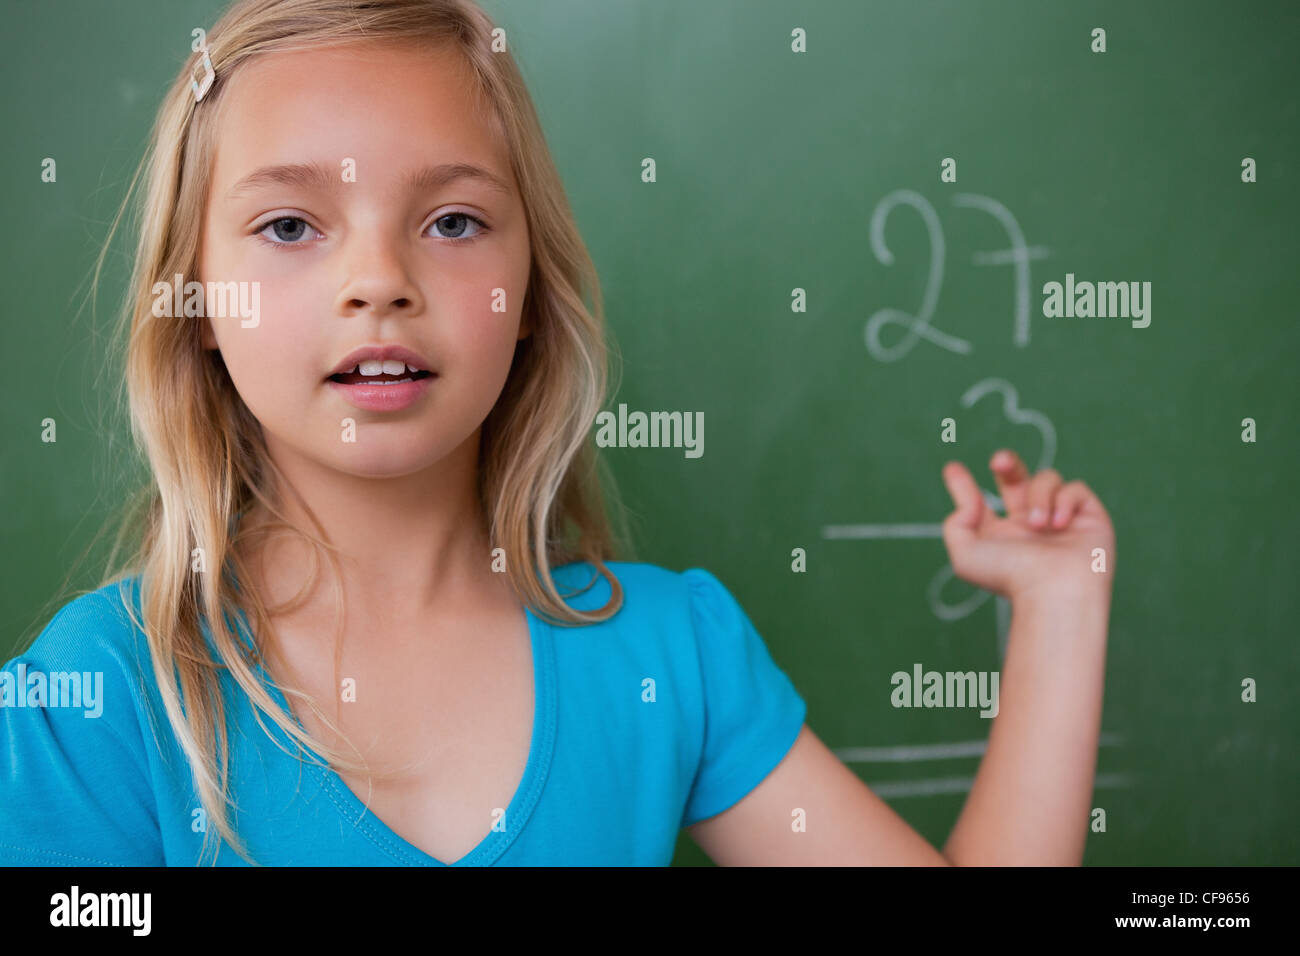 Little schoolgirl showing her result - Stock Image